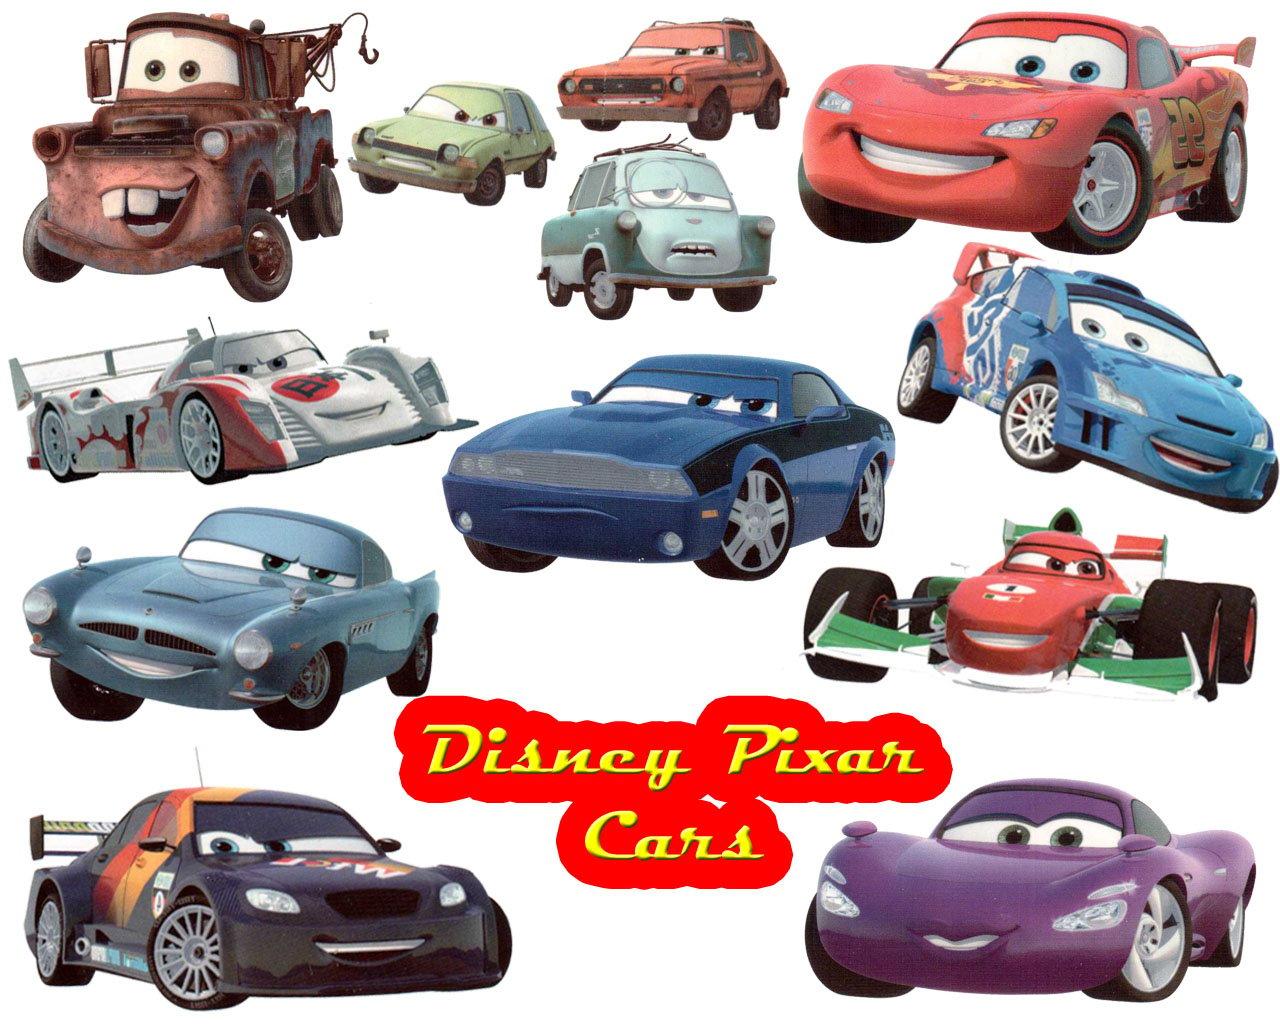 Disney pixar desktop wallpaper wallpapersafari for Disney pixar cars mural wallpaper